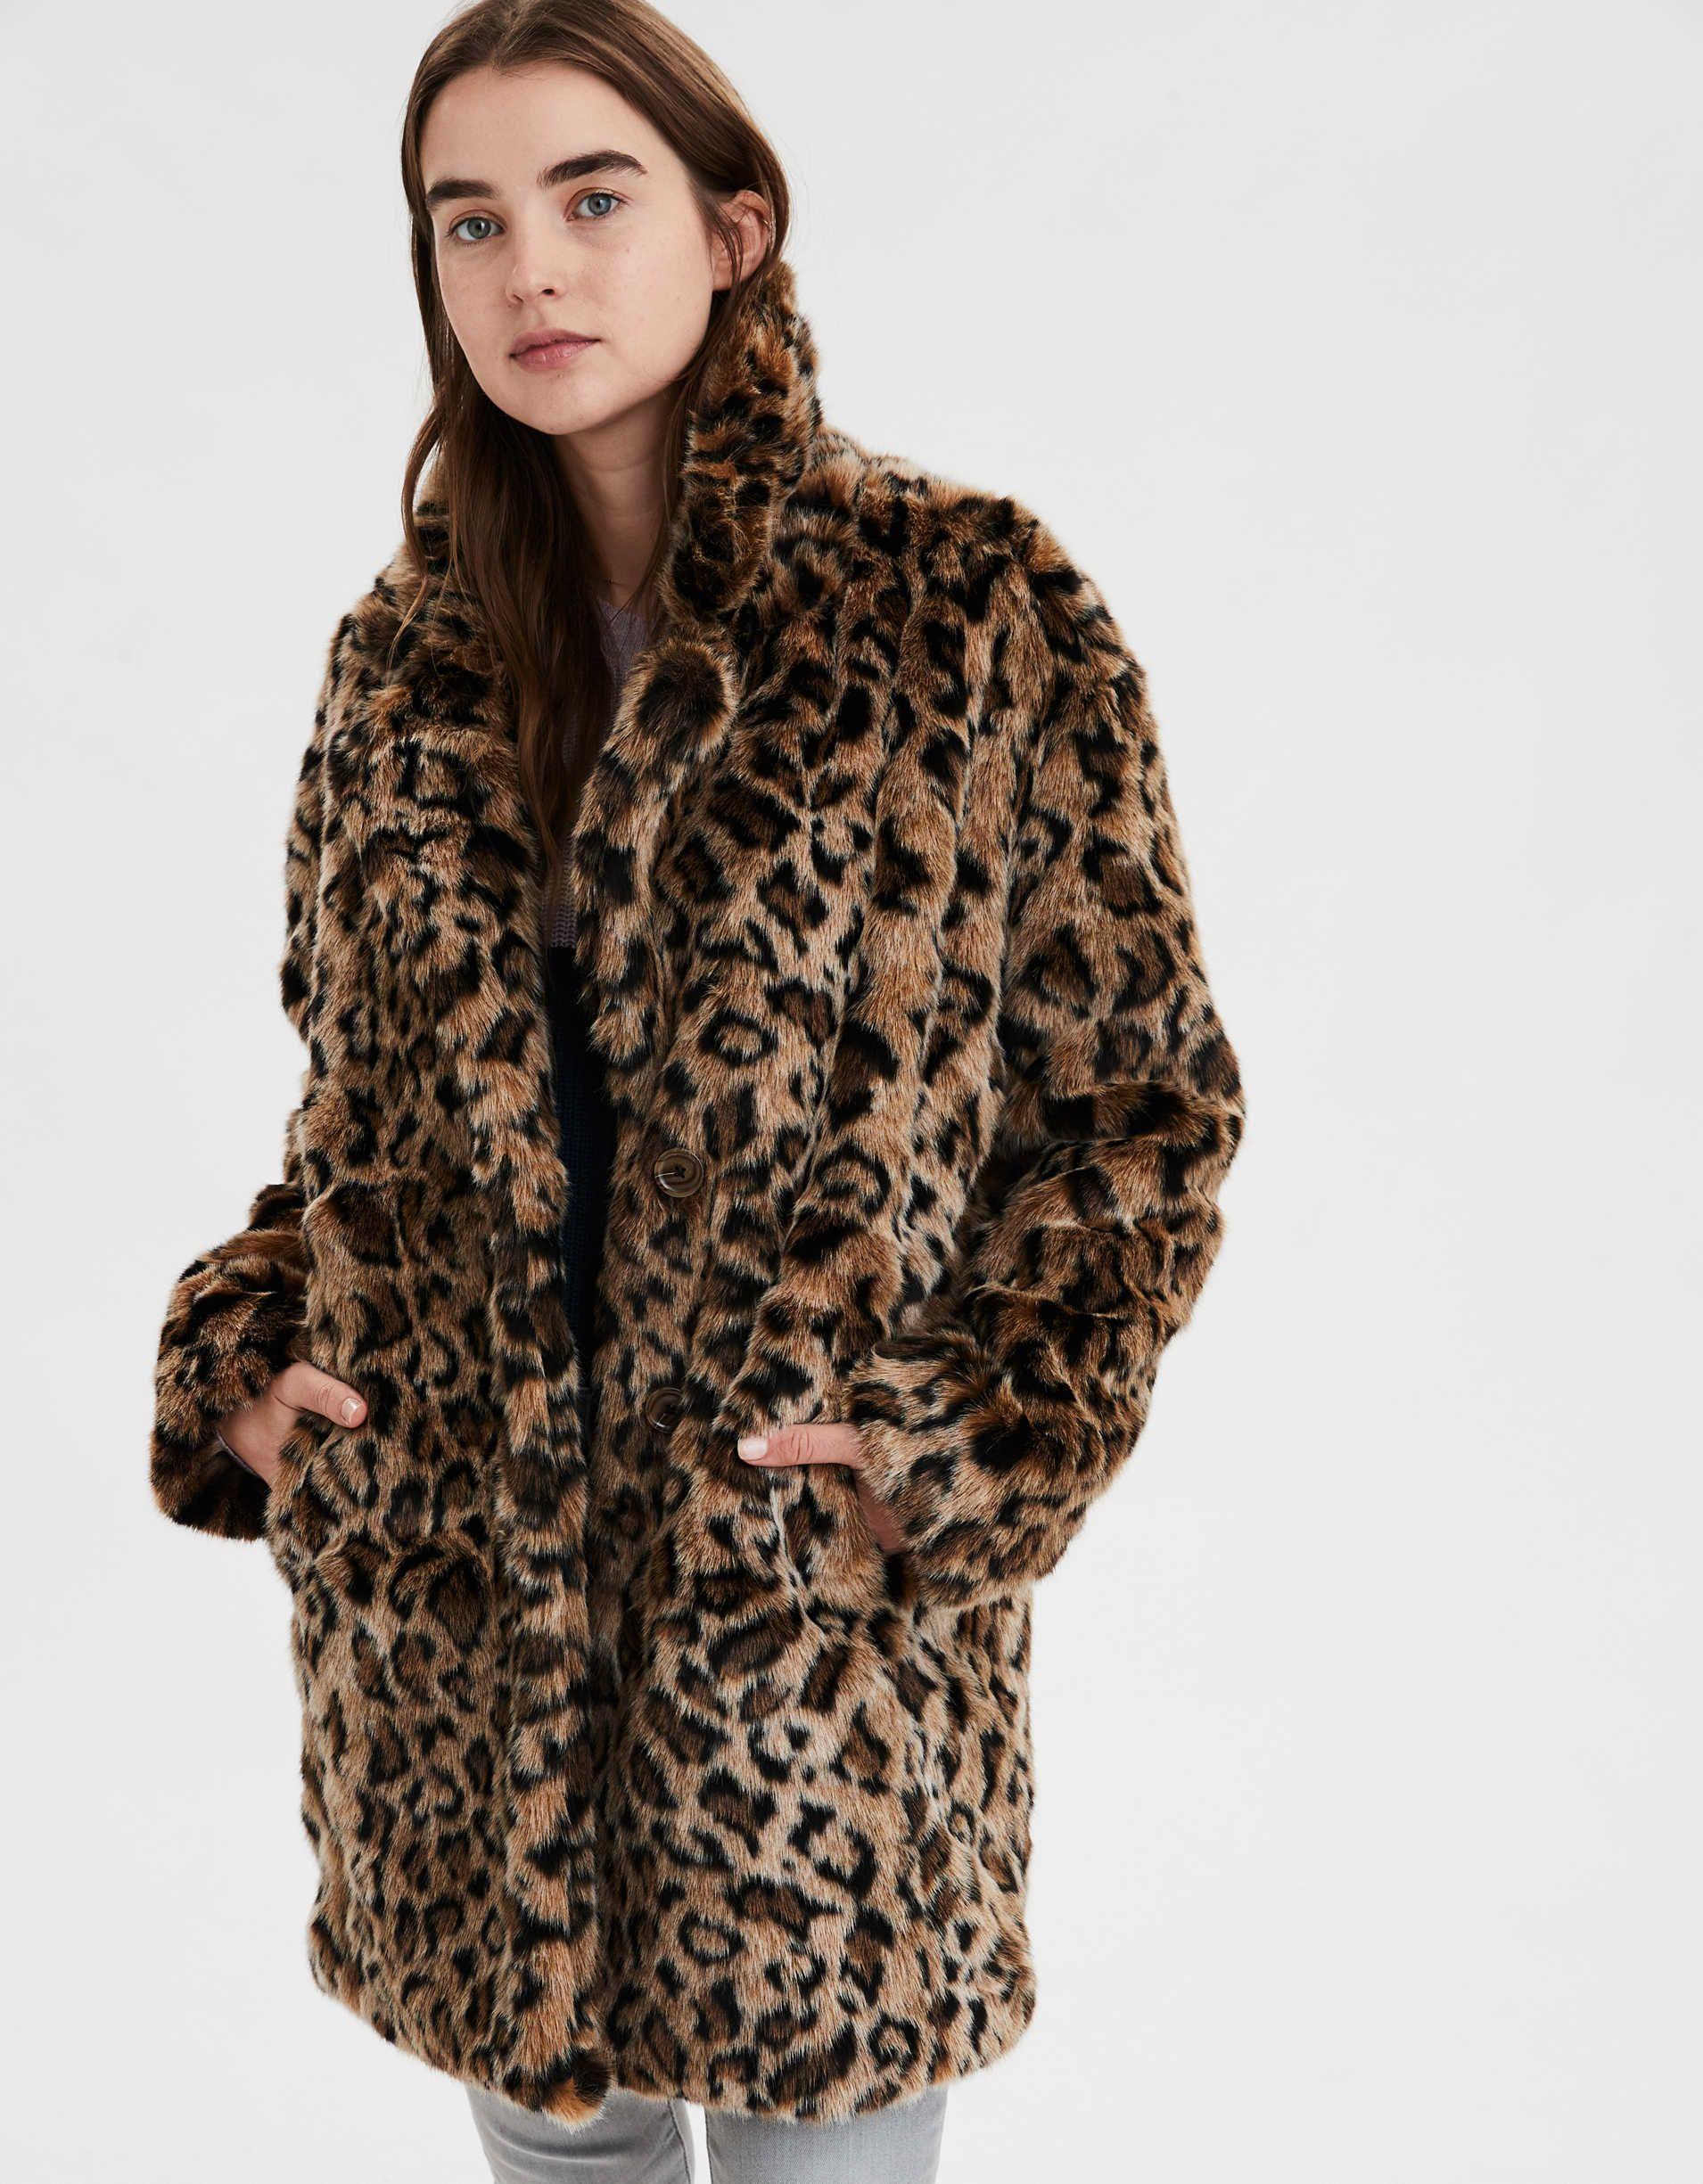 Womens Leopard Color Warm Faux Fur Jacket Coat Super Long Outwear Overcoat Sale